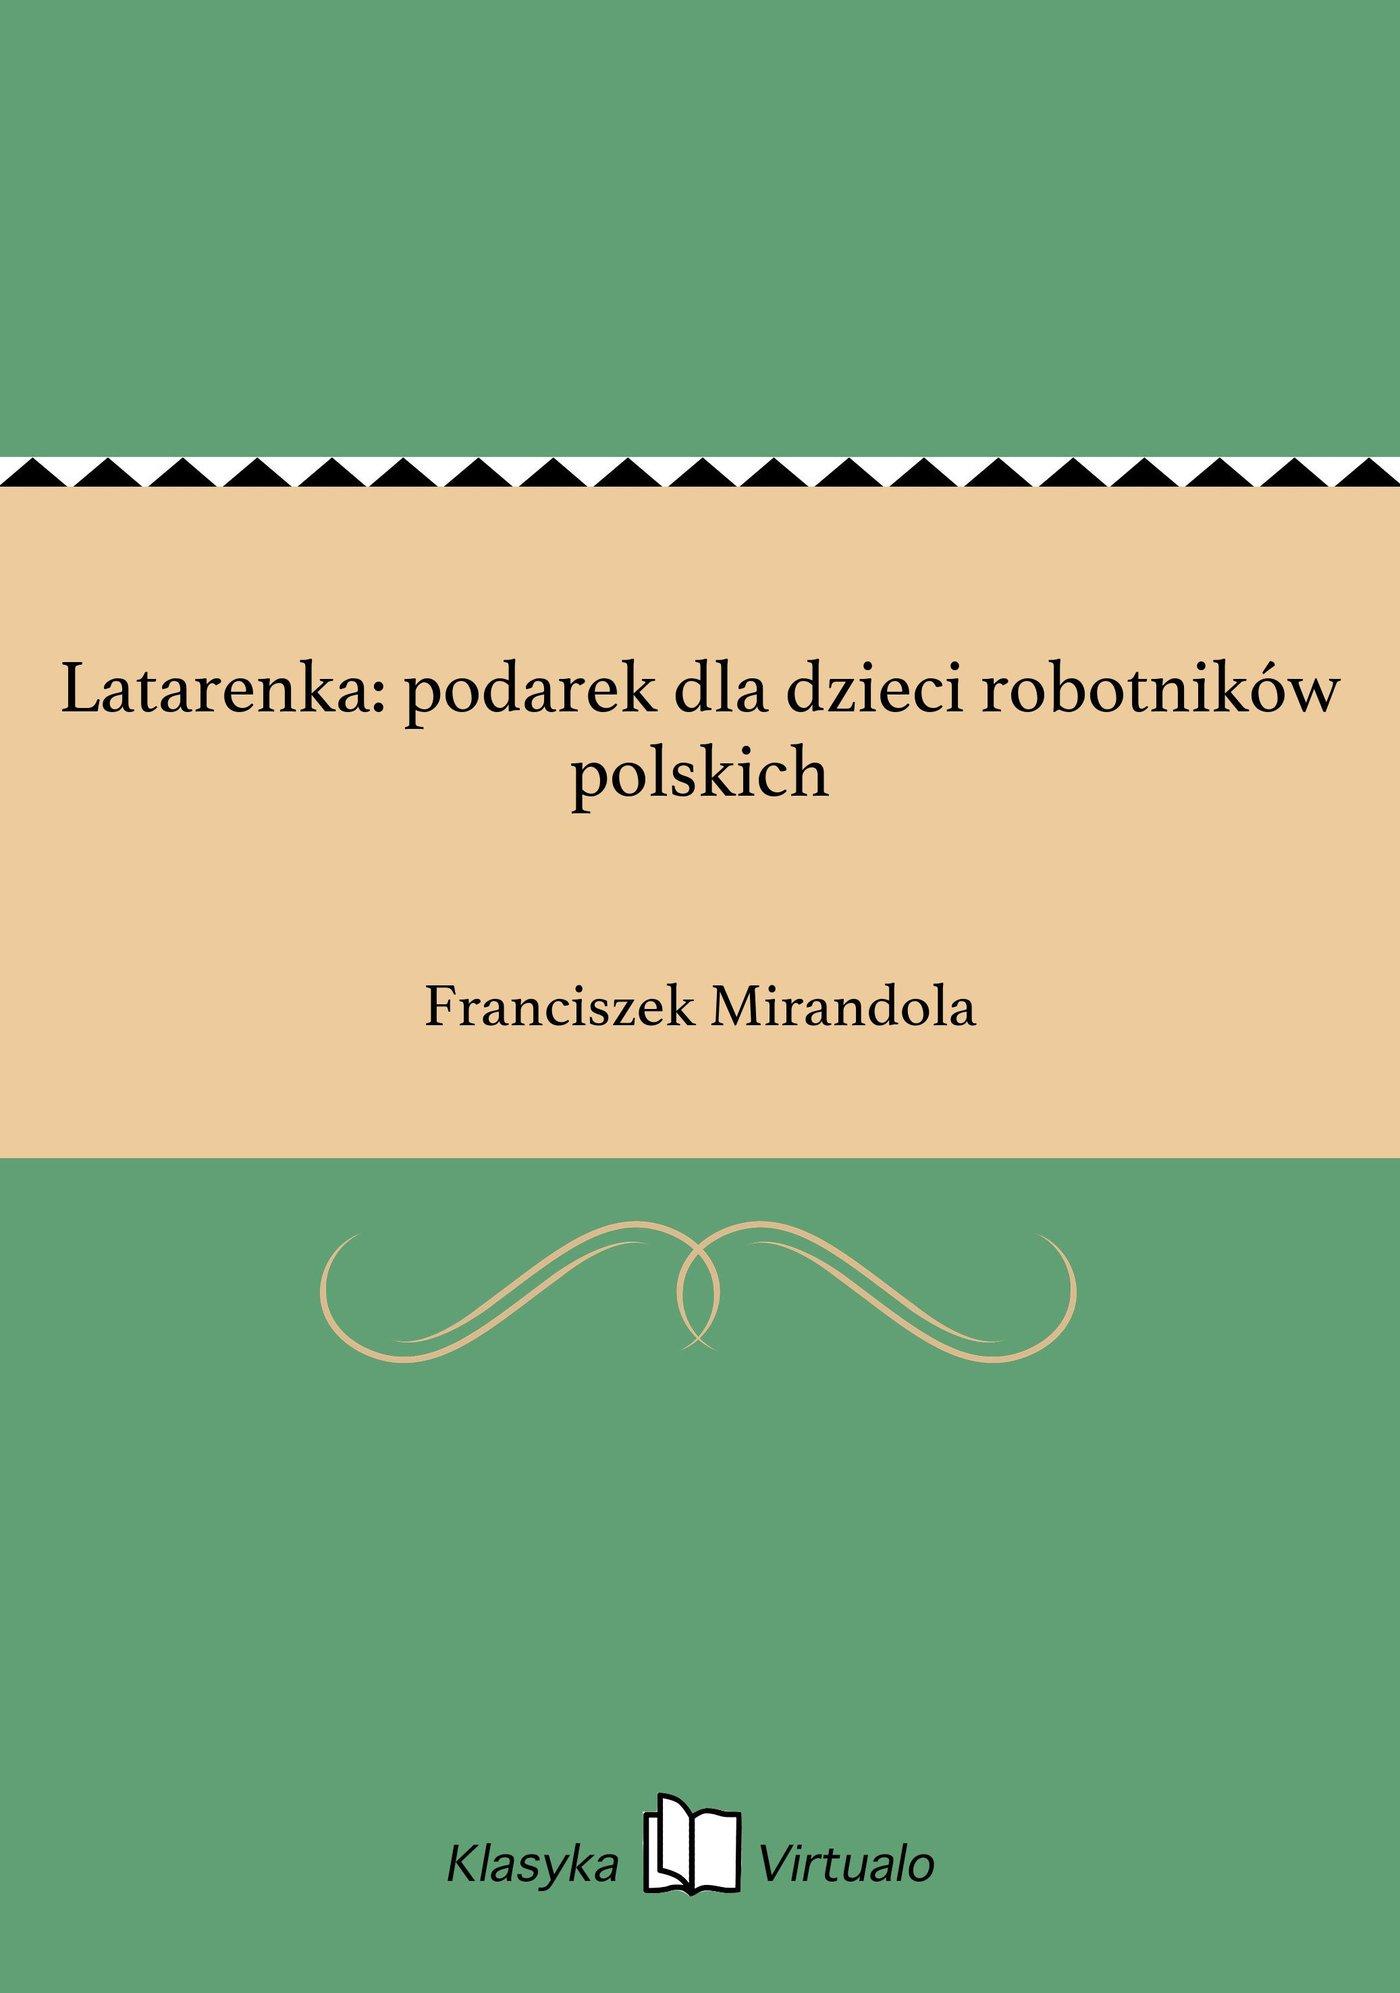 Latarenka: podarek dla dzieci robotników polskich - Ebook (Książka EPUB) do pobrania w formacie EPUB